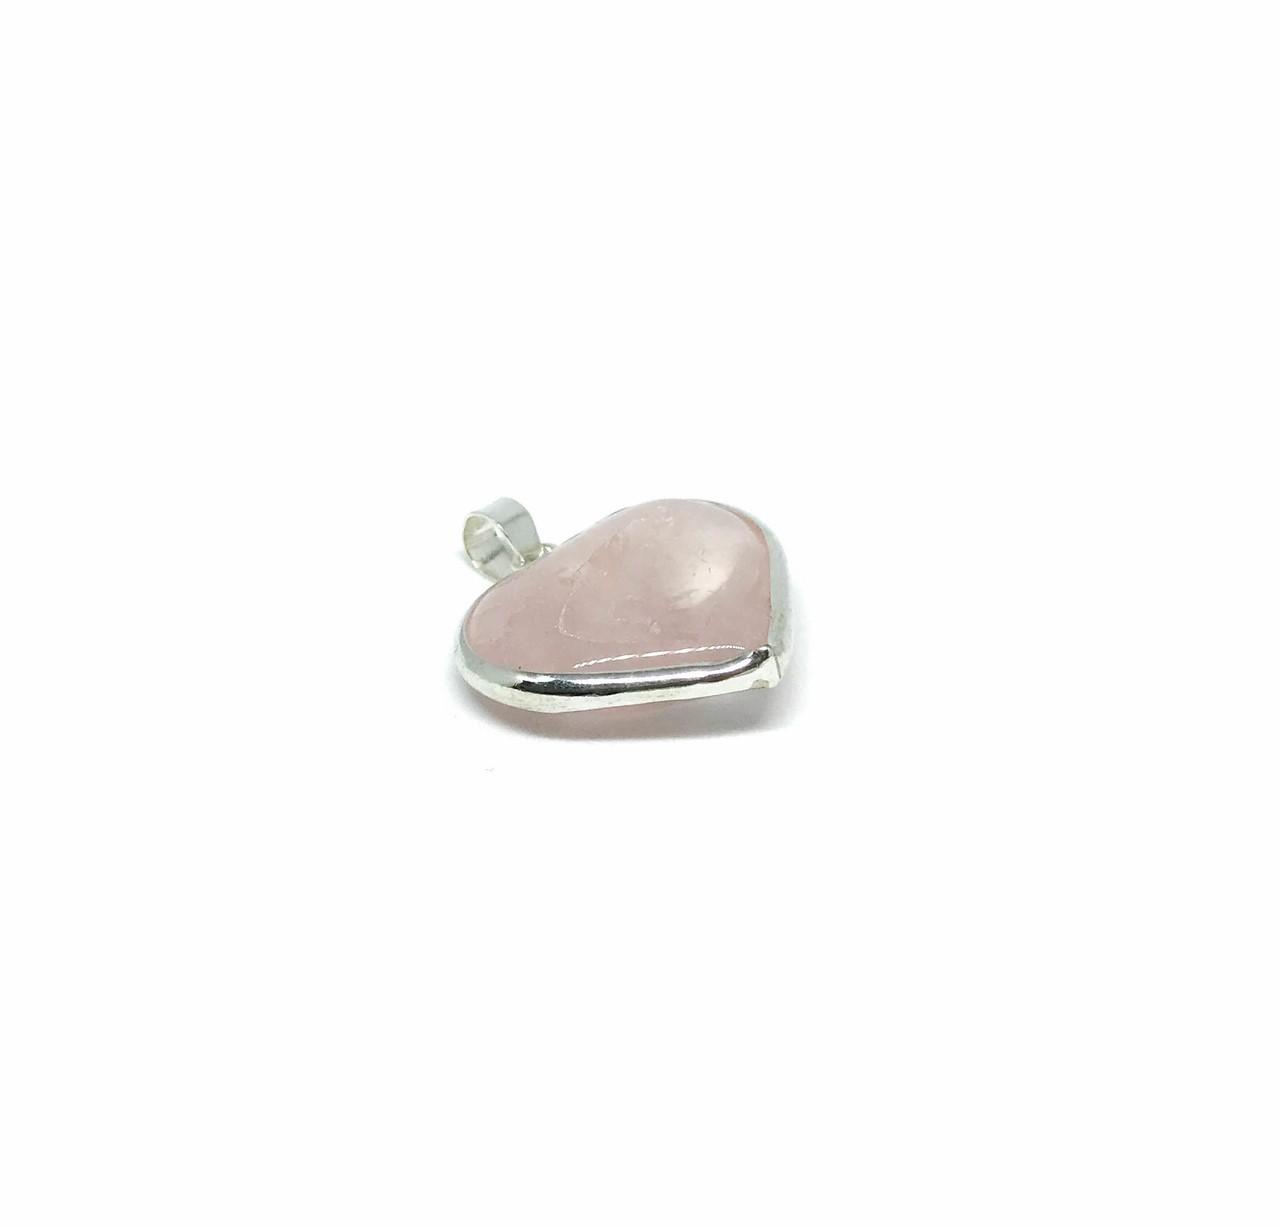 Pingente de Prata Cristal Quartzo Rosa Puro Coração